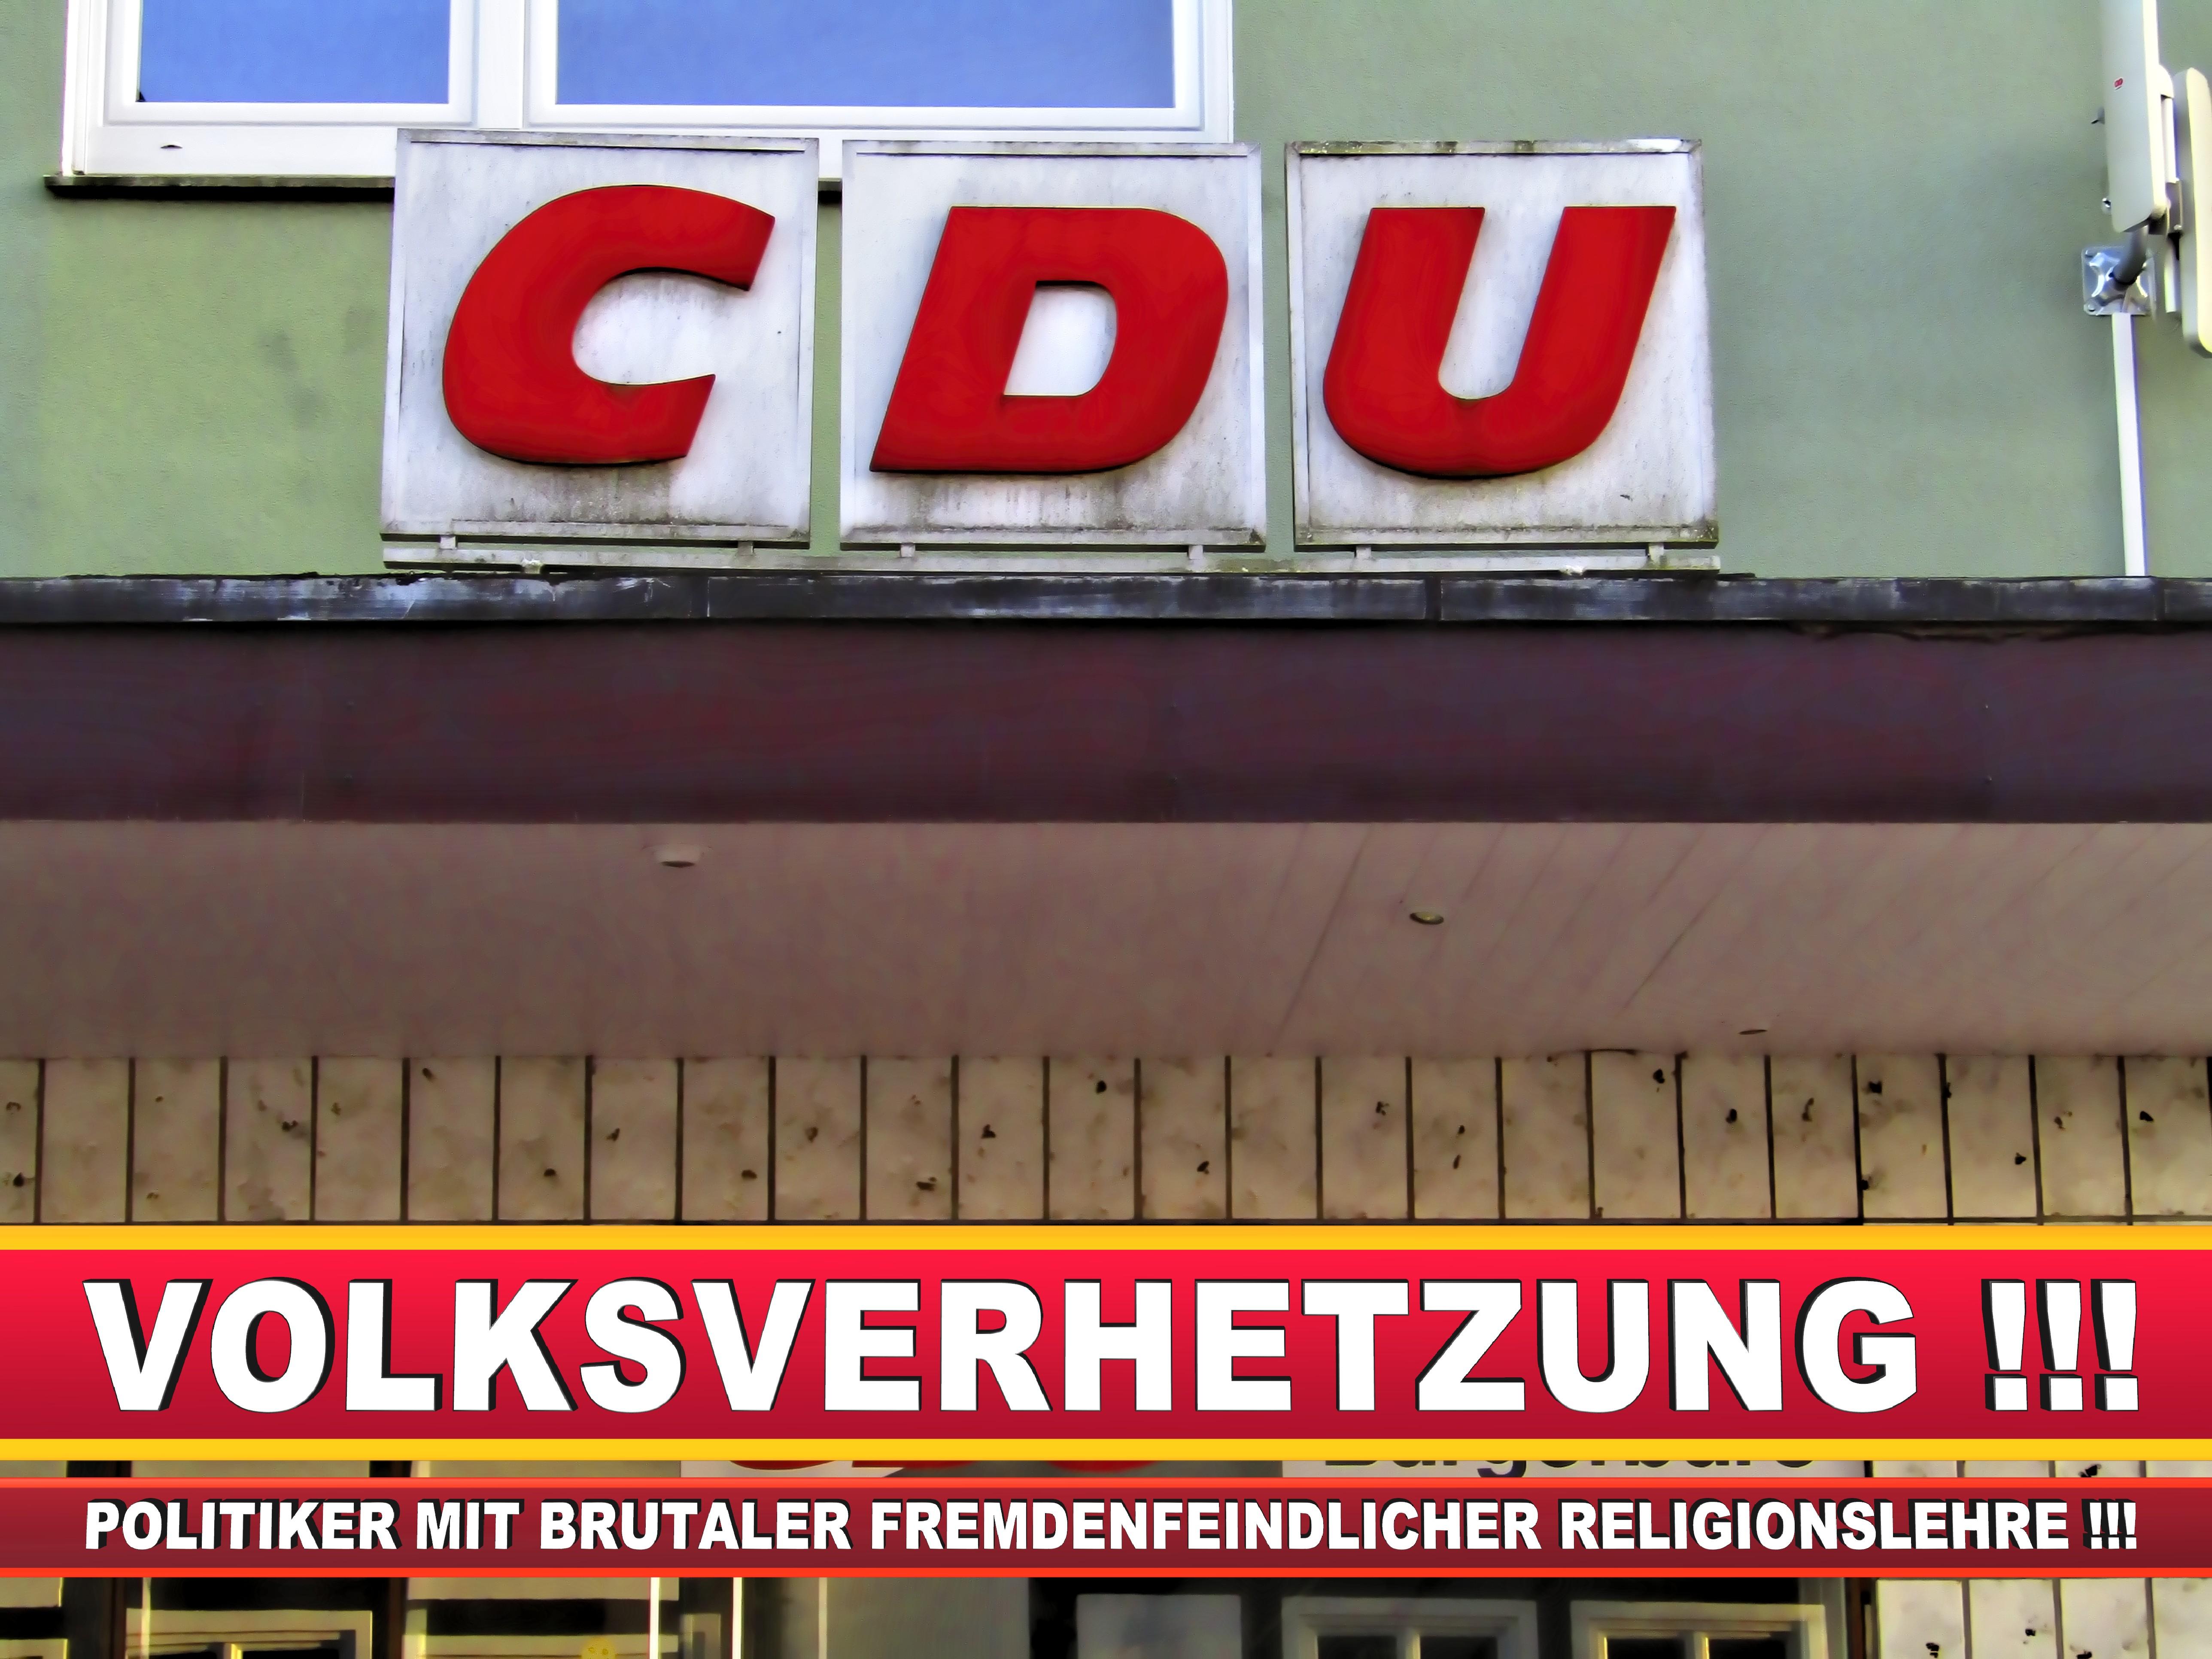 CDU GEMEINDEVERBAND STEINHAGEN AM MARKT 13 33803 STEINHAGEN NRW ORTSVERBAND CDU STEINHAGEN (8)